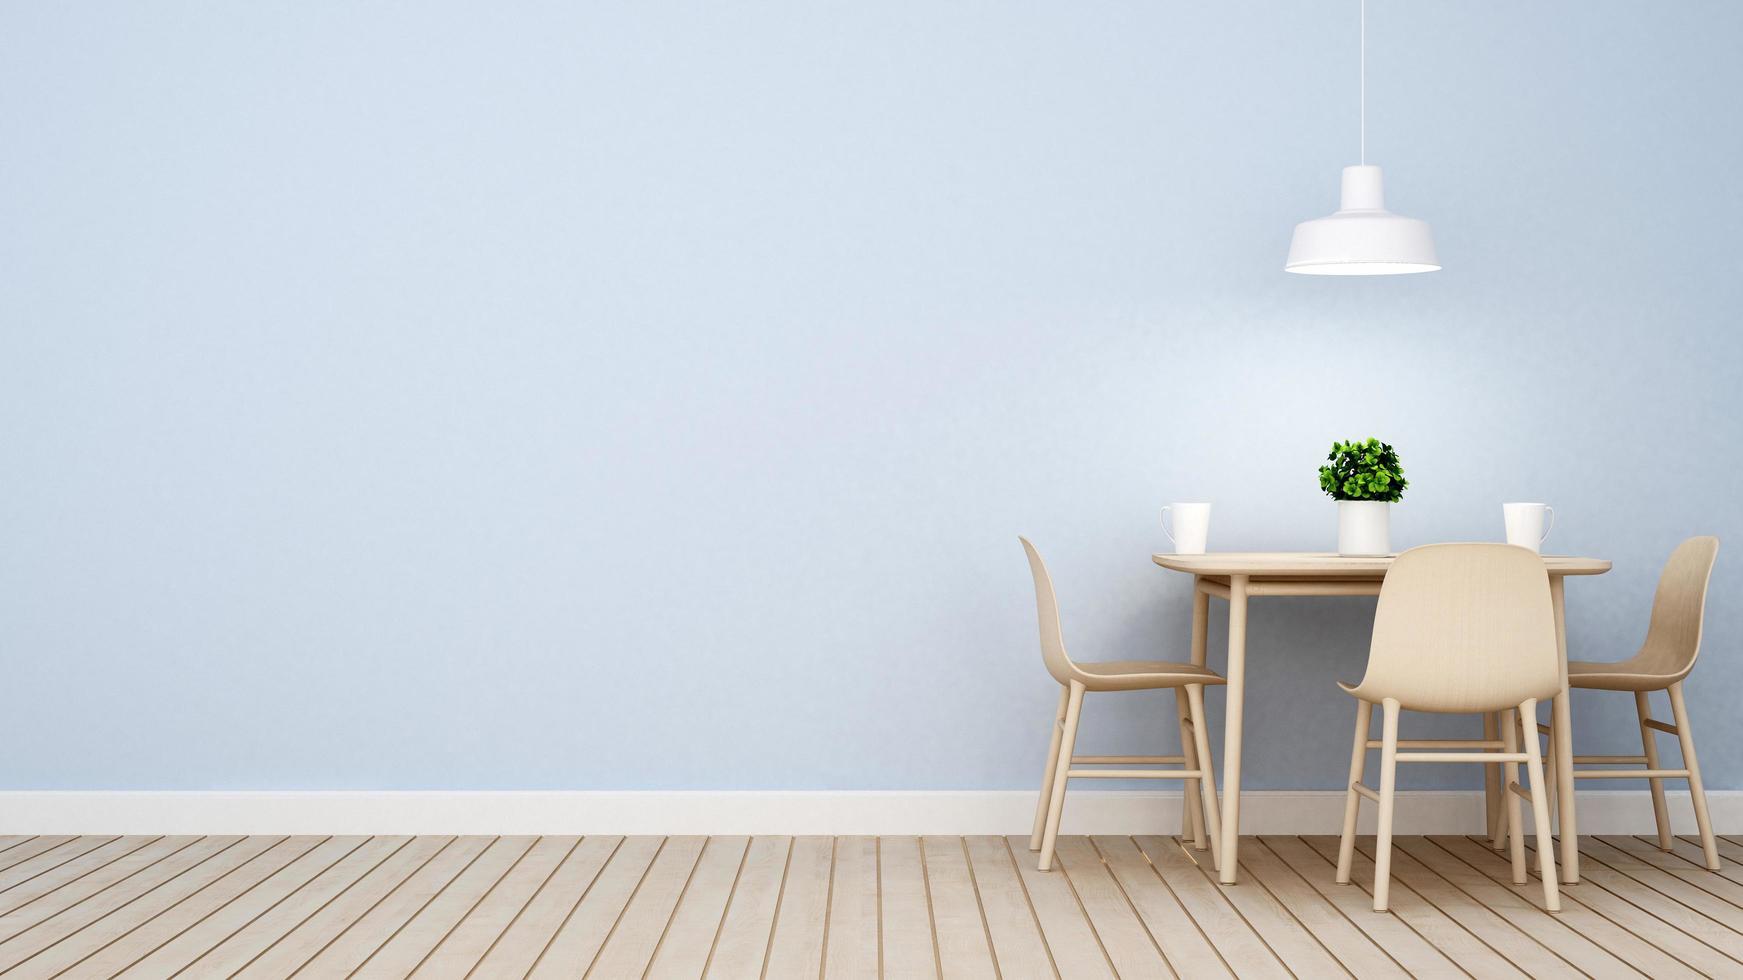 restaurang eller kafé på blå väggdesign foto